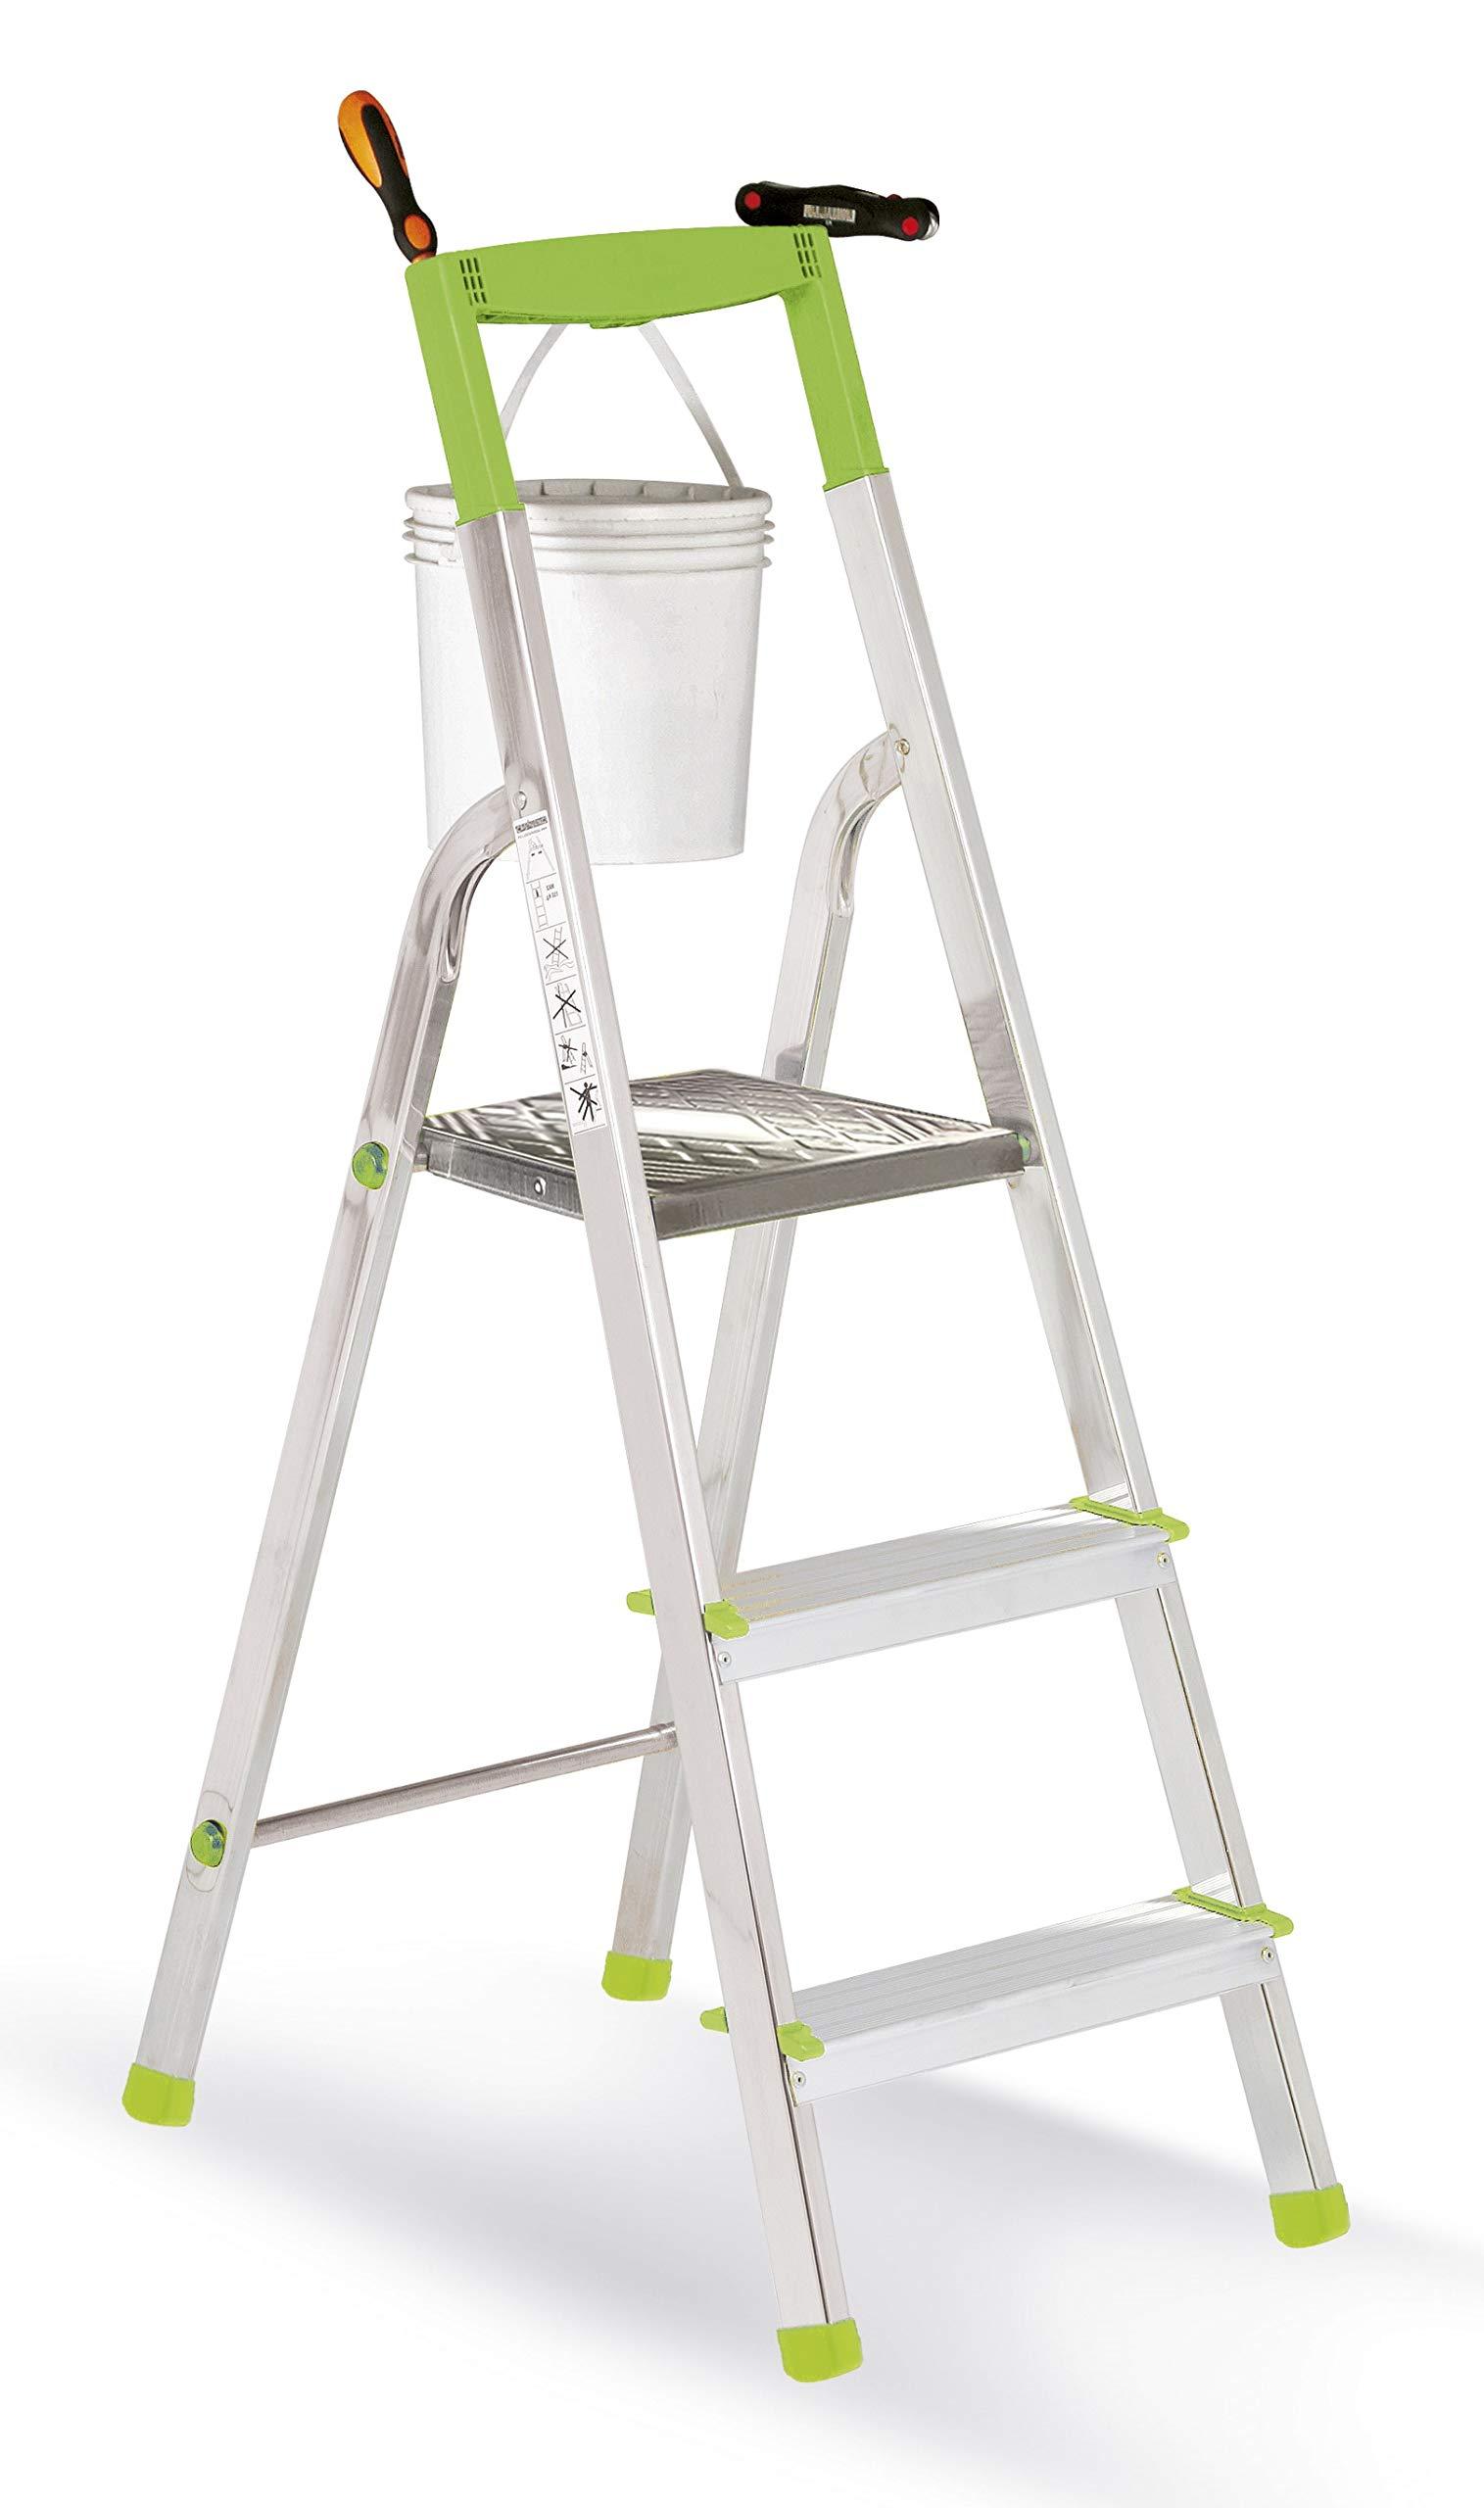 casabriko 11033 escalera doméstica de aluminio de 3 peldaños, verde: Amazon.es: Hogar